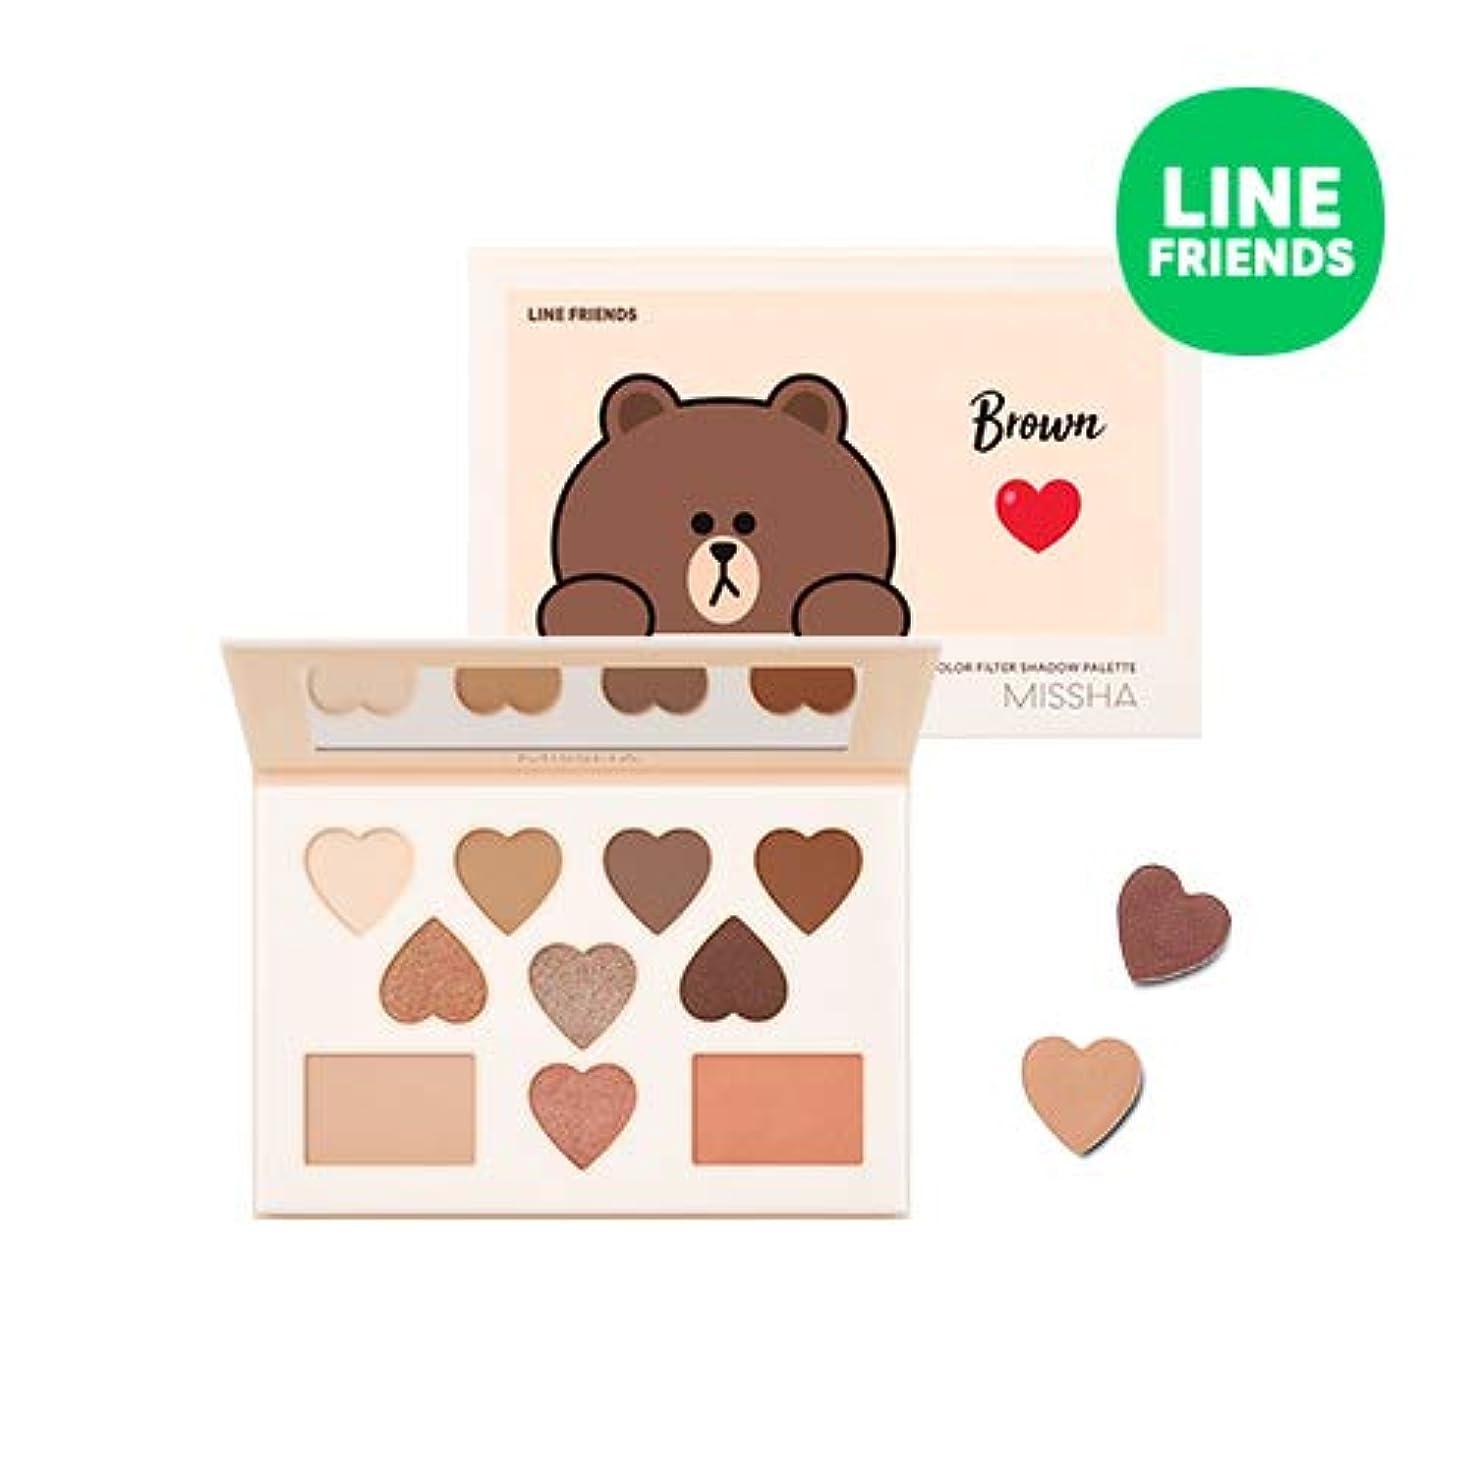 どんよりした適応迷彩ミシャ[ラインフレンズエディション] カラー フィルター シャドウ パレット MISSHA [Line Friends Edition] Color Filter Shadow Palette #5. Brown [並行輸入品]